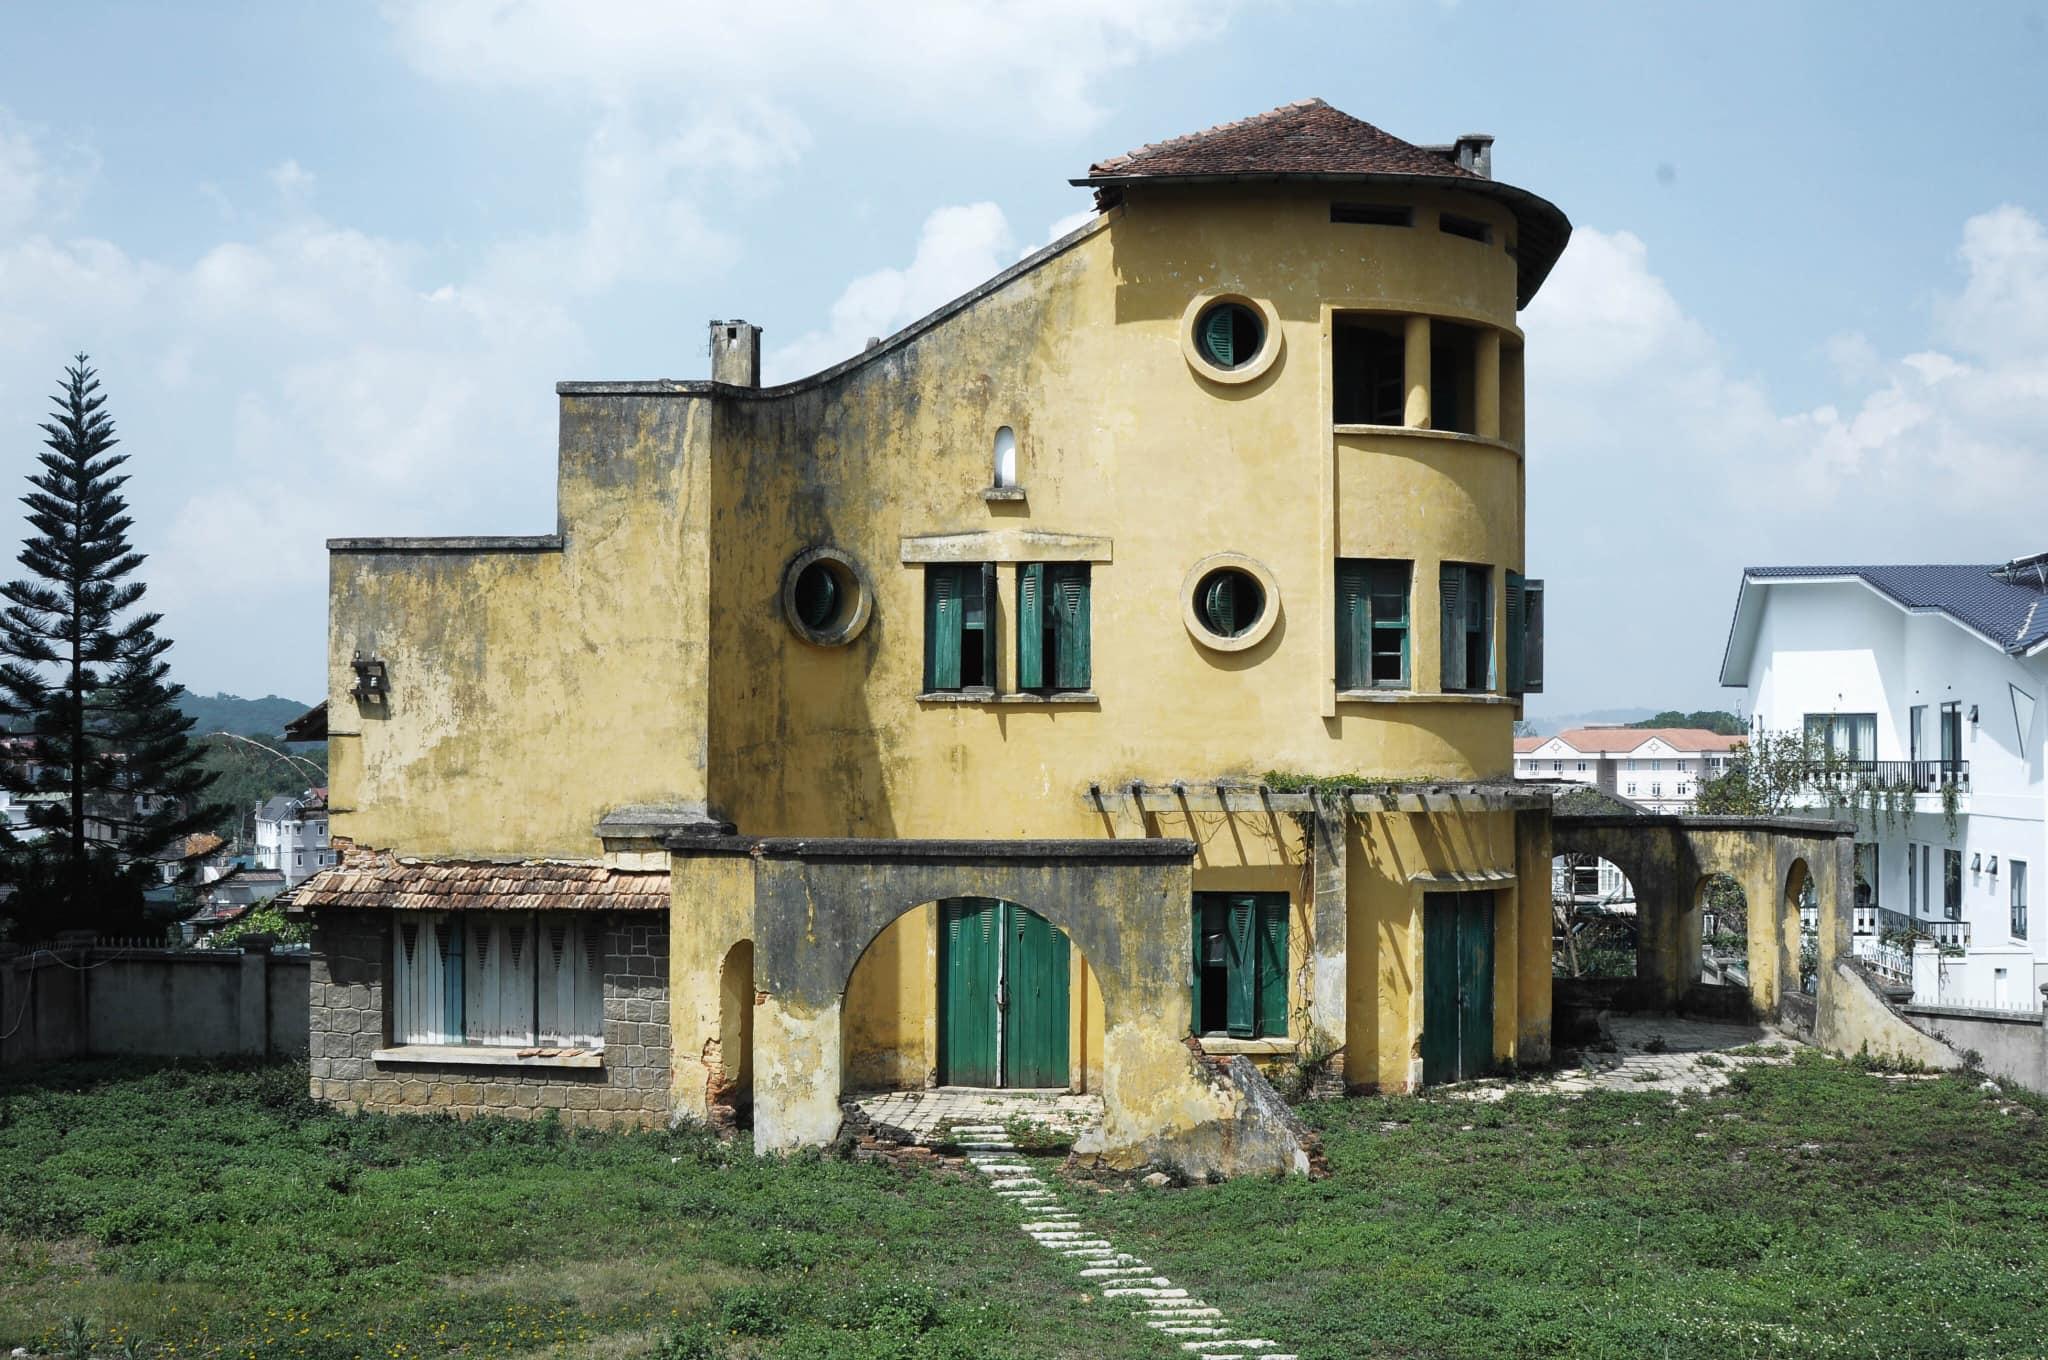 Hình chụp ngôi biệt thự bỏ hoang đẹp như mơ ở đà lạt